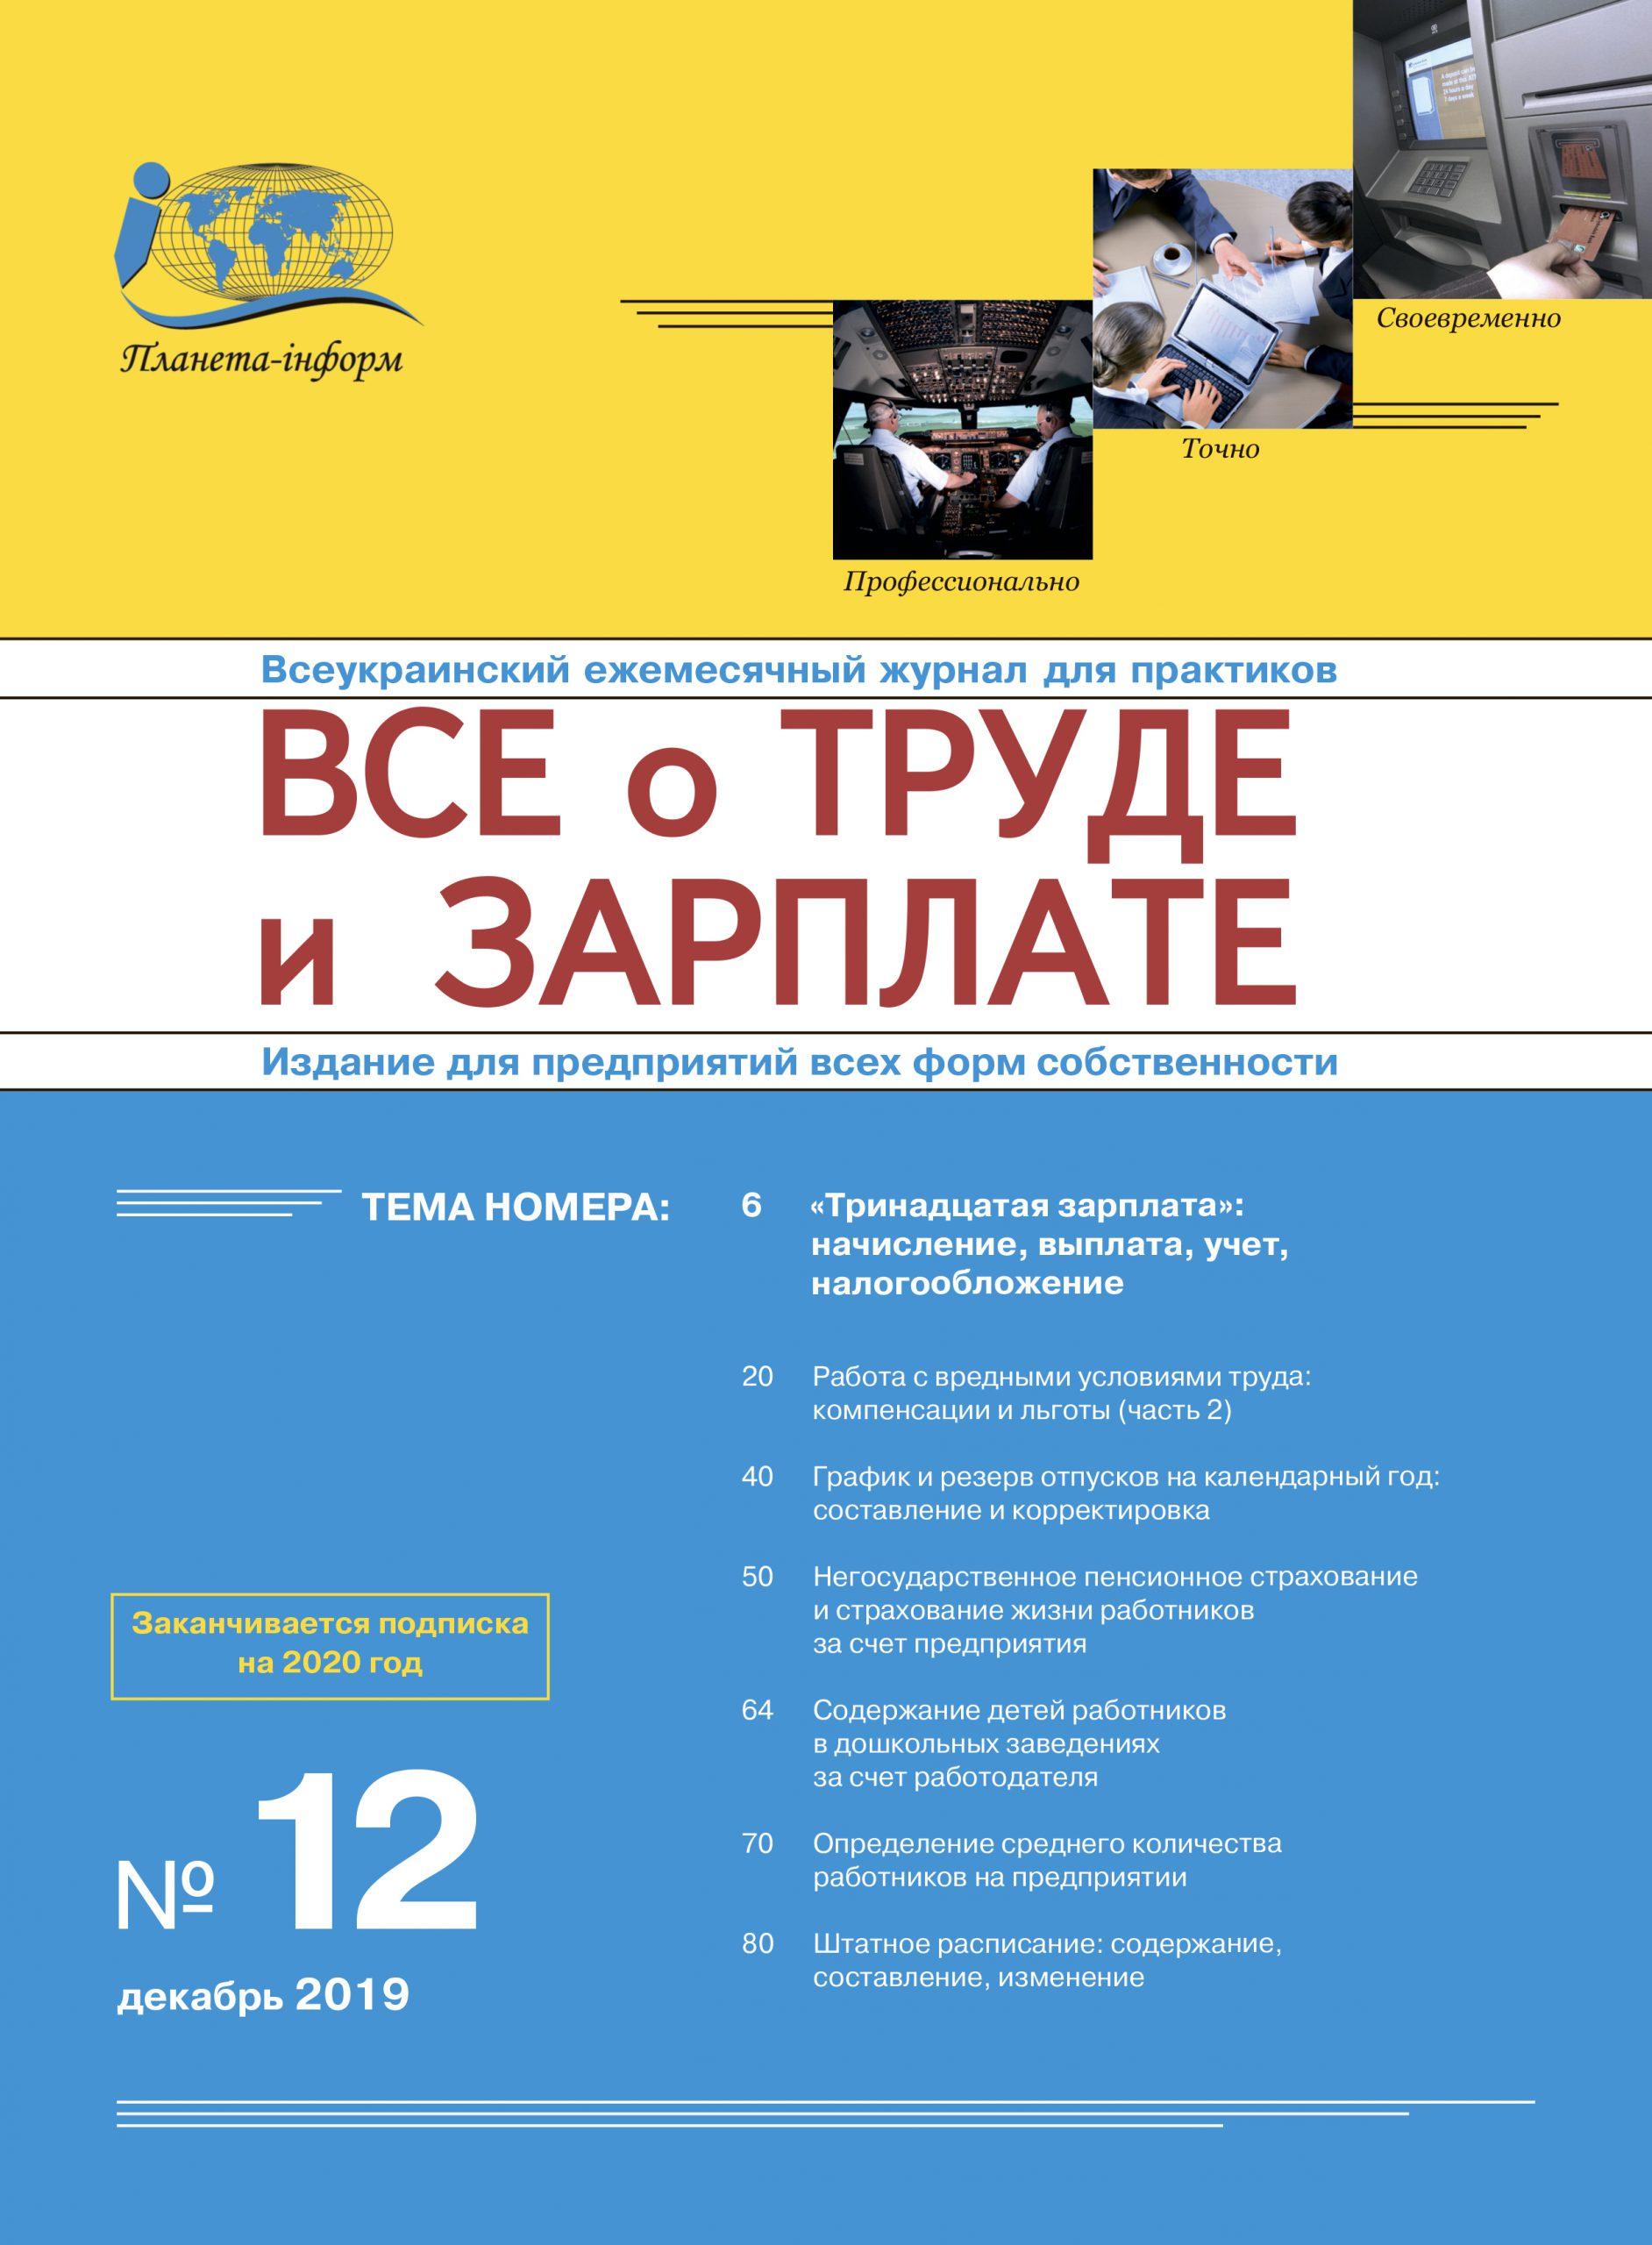 Журнал Все о труде и зарплате № 12/2019